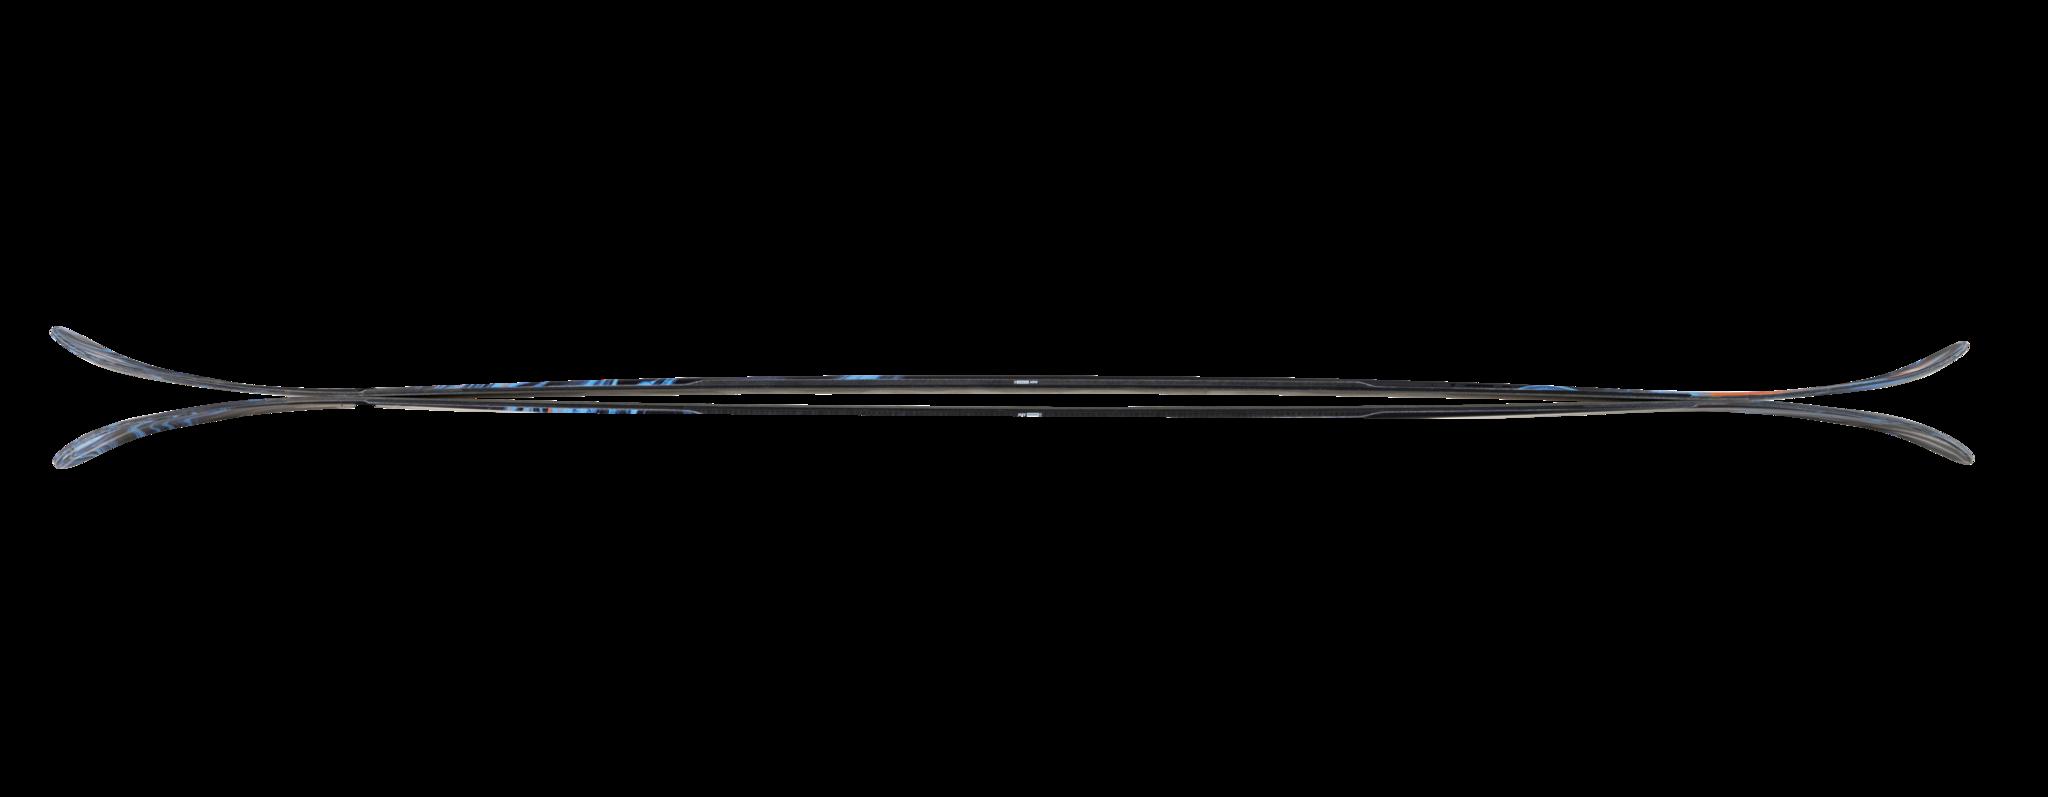 ARW 106 UL-2